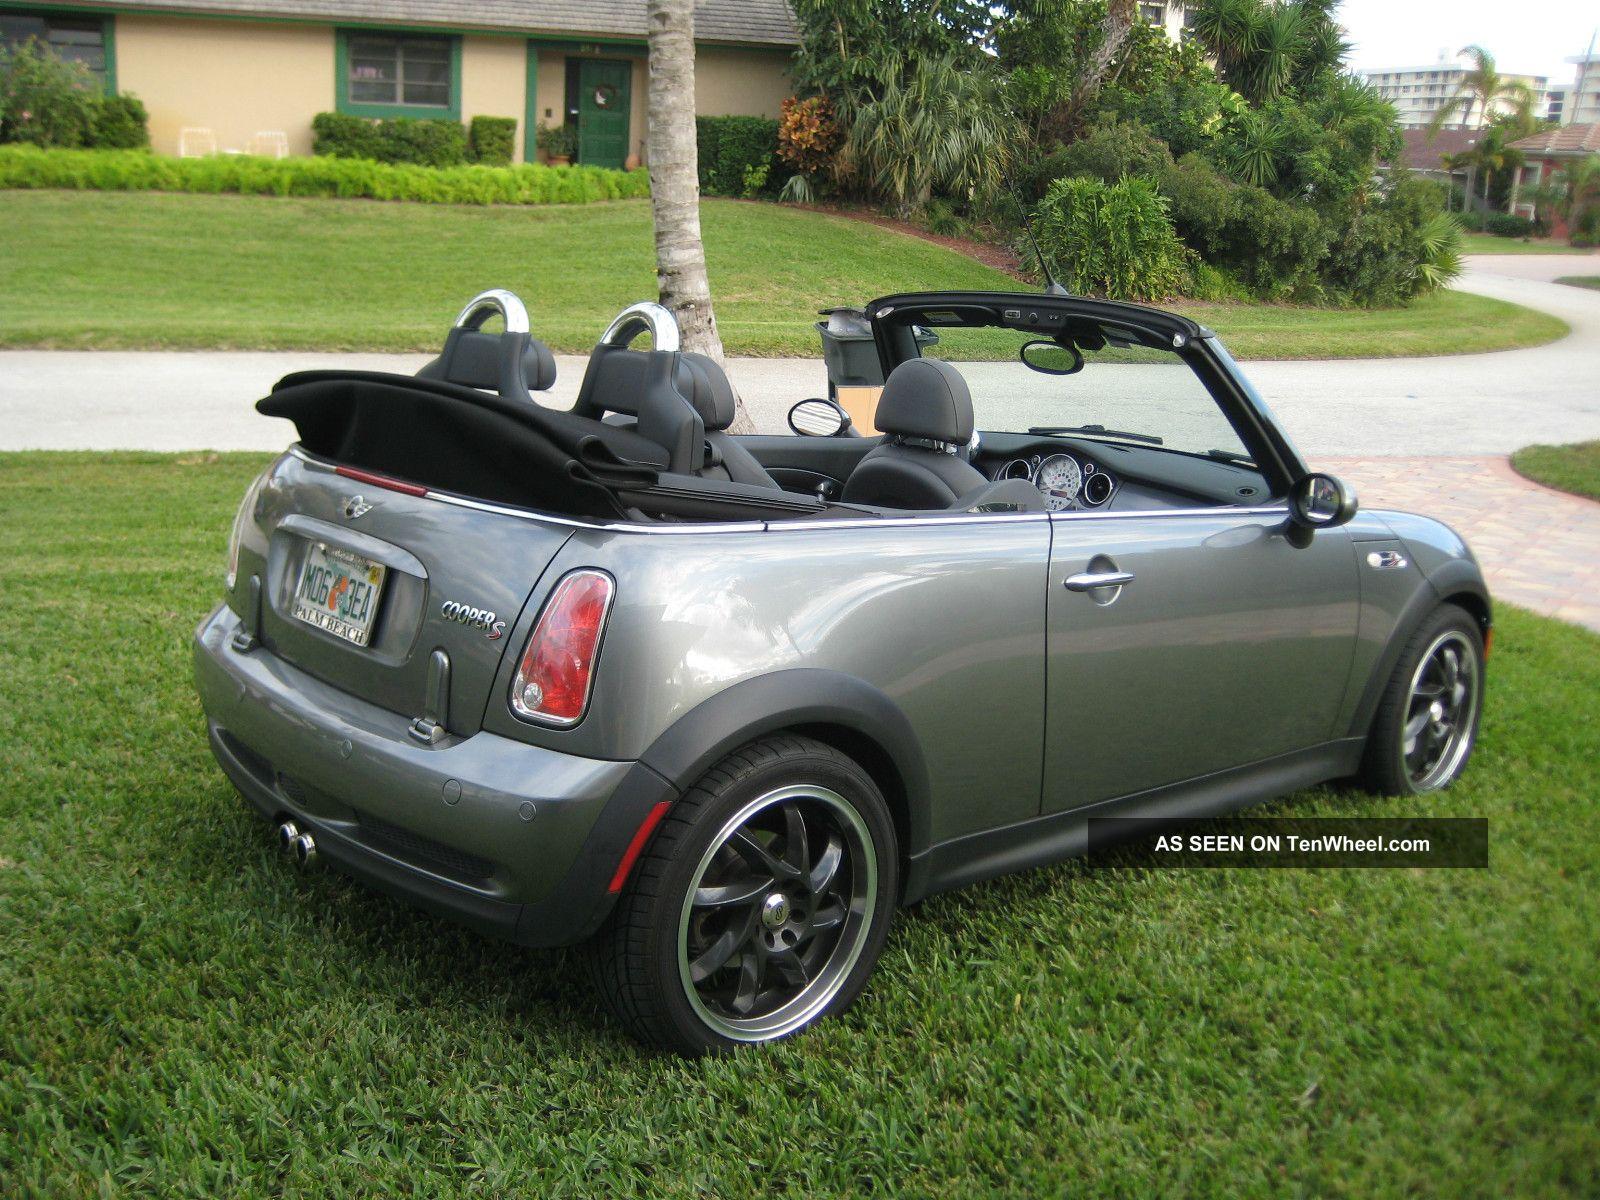 2005 mini cooper s convertible 2 door 1 6l. Black Bedroom Furniture Sets. Home Design Ideas